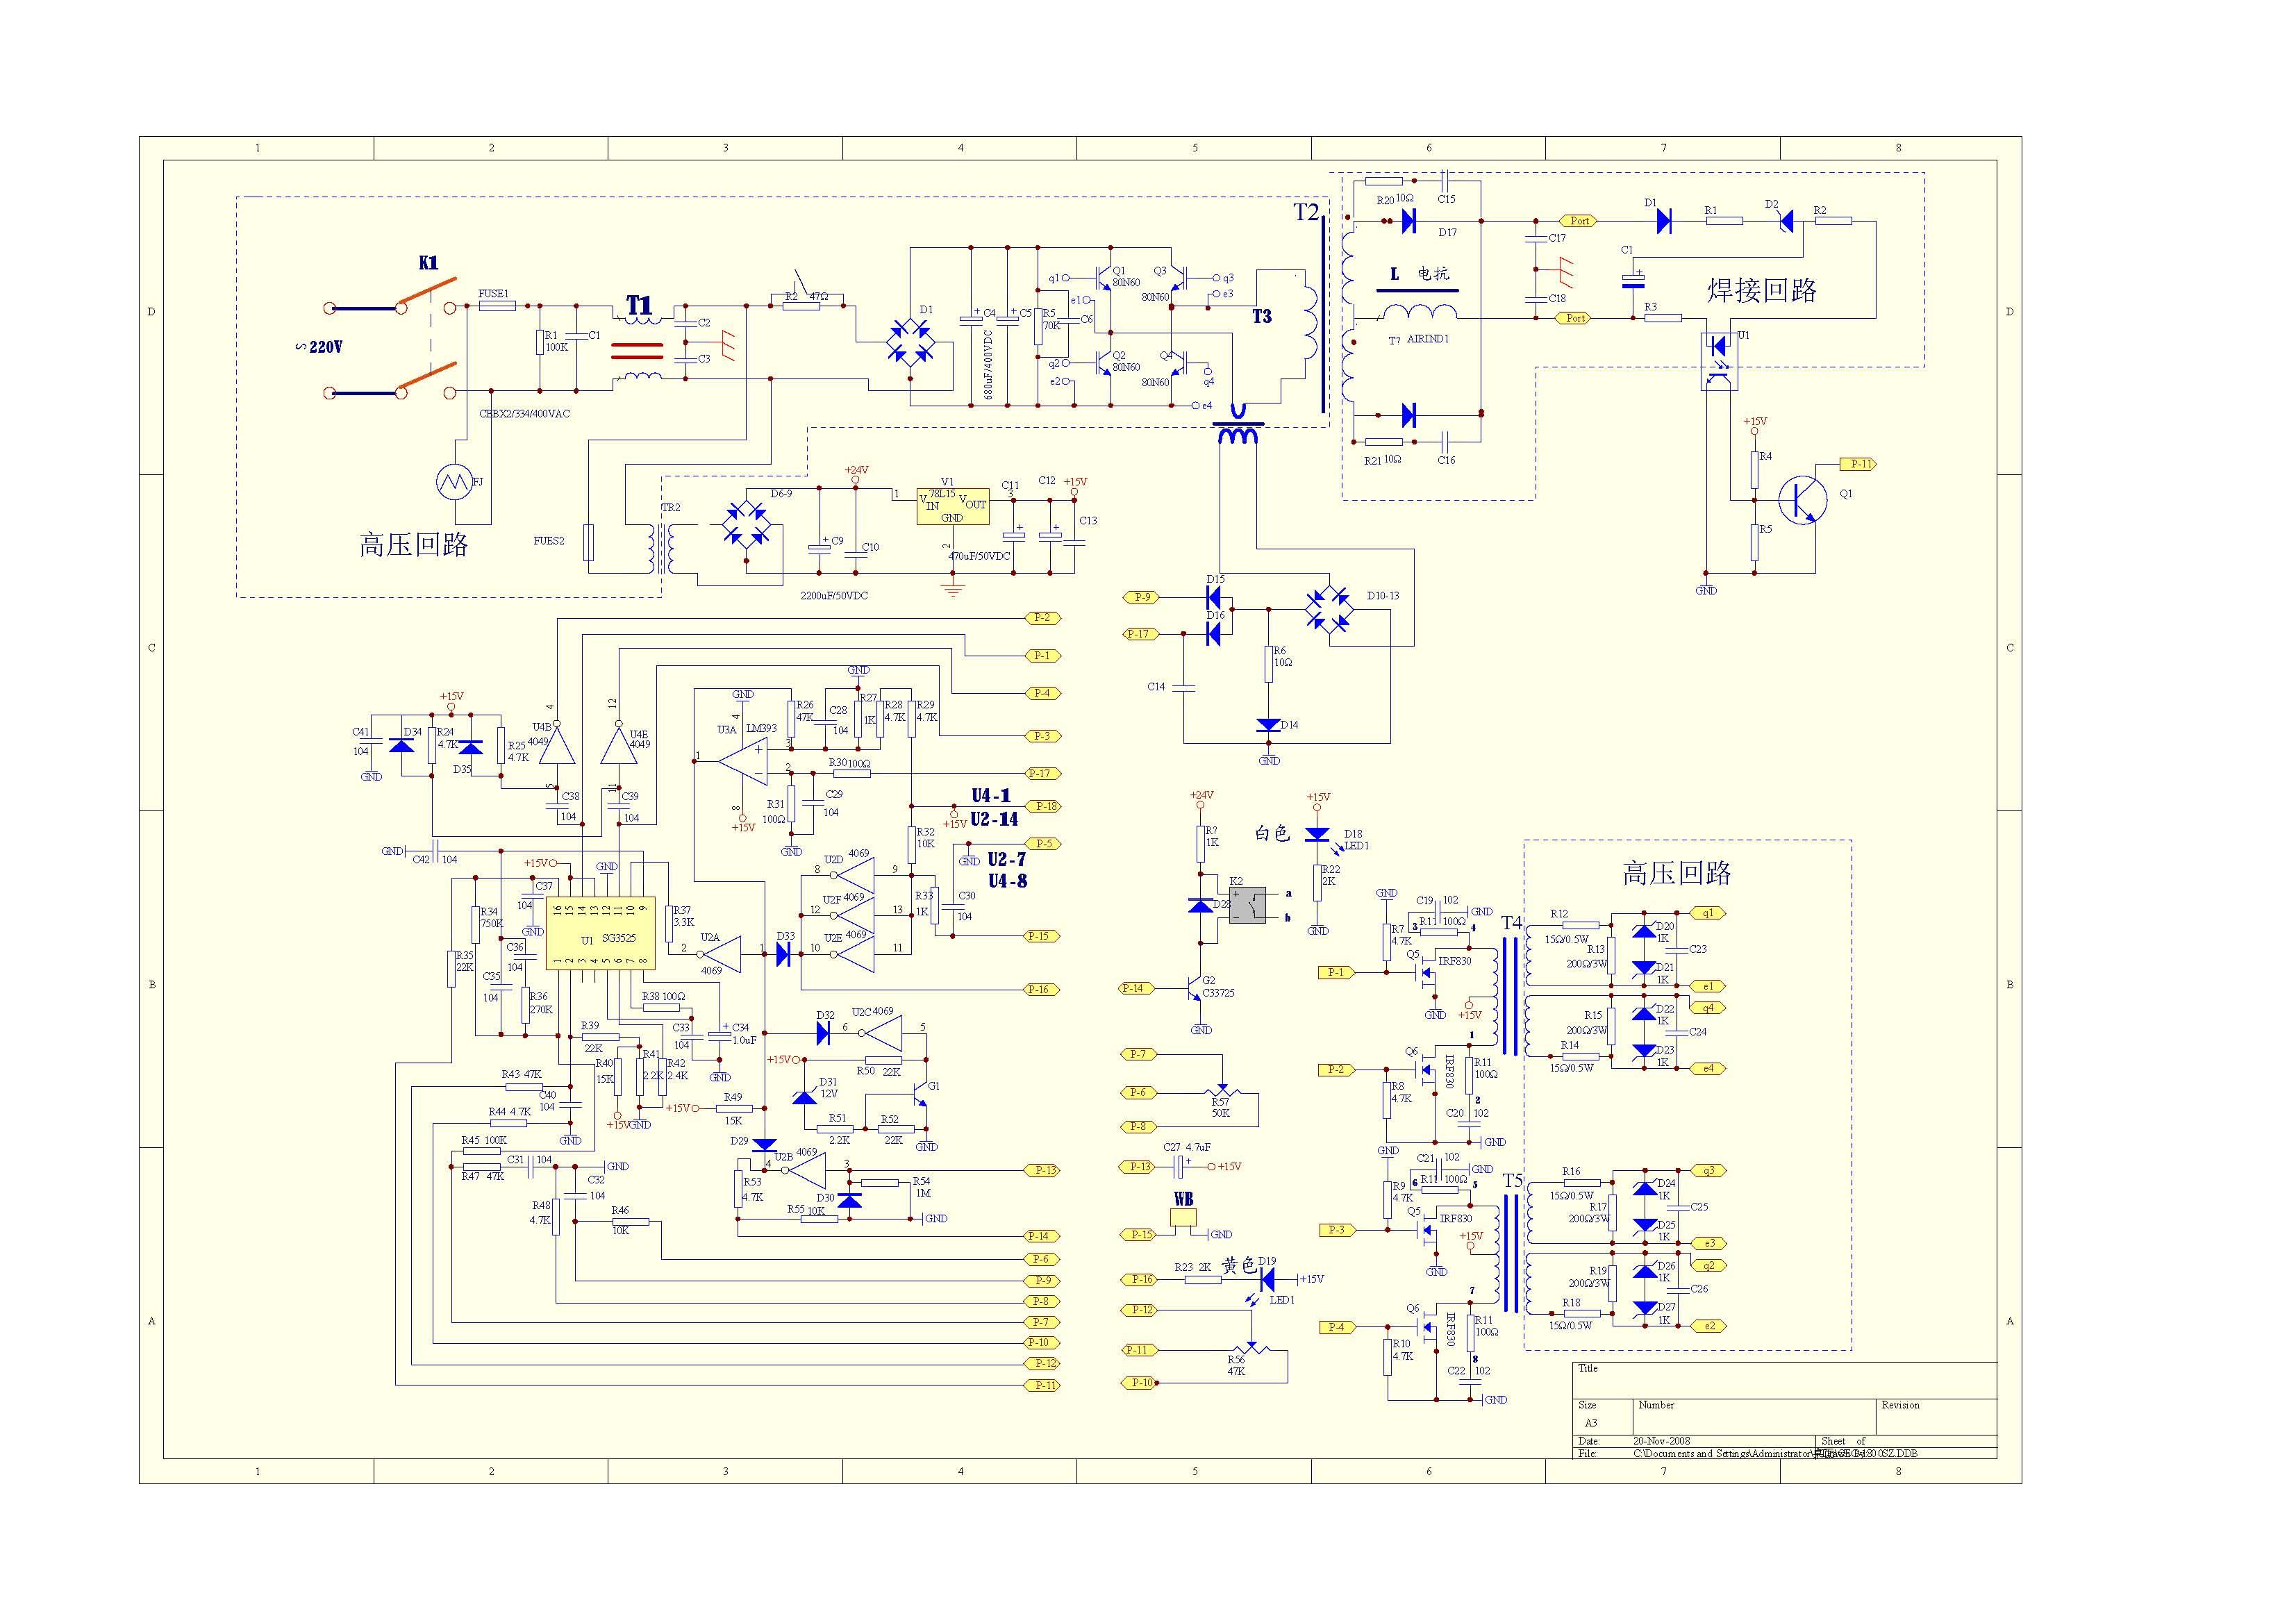 электрическая схема пдг-252 уз 1 селма